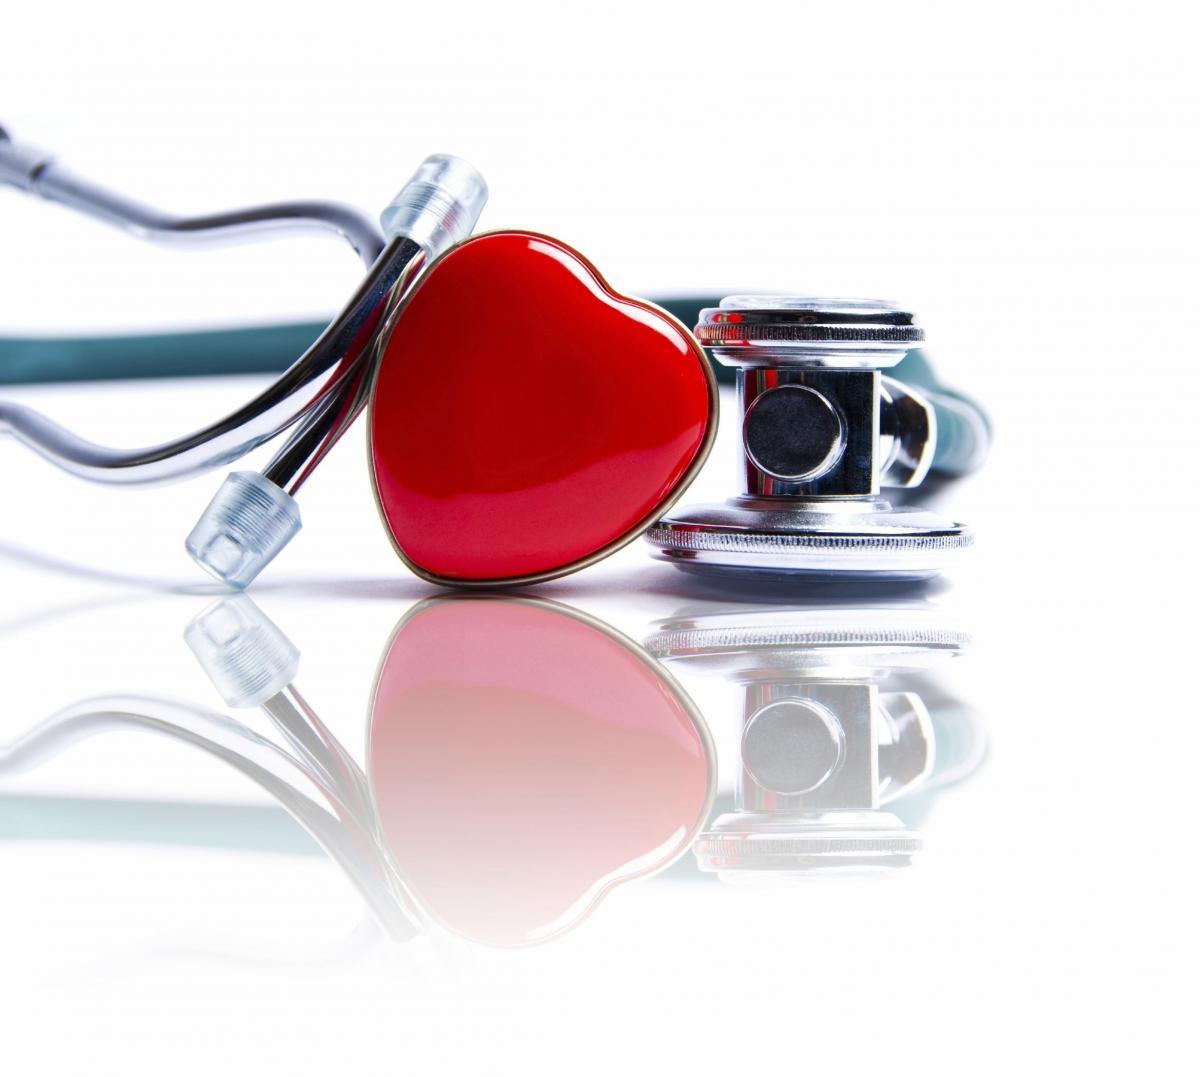 El próximo 31 de octubre acaba el plazo para que cada nuevo mutualista docente elija entidad sanitaria.